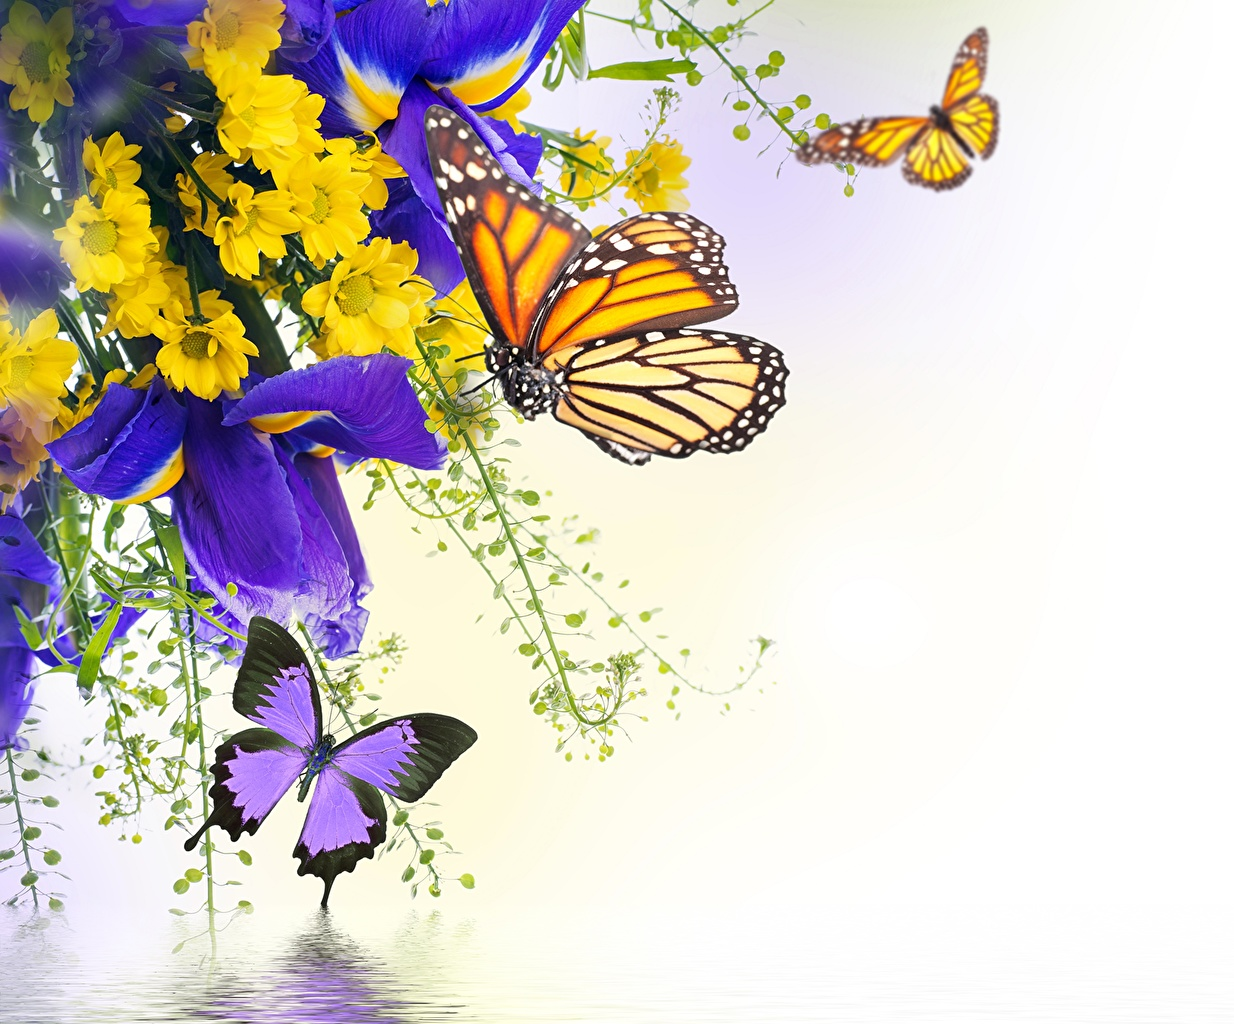 Картинки Данаида монарх бабочка Насекомые ирис Цветы Хризантемы животное Крупным планом Бабочки насекомое Ирисы цветок вблизи Животные